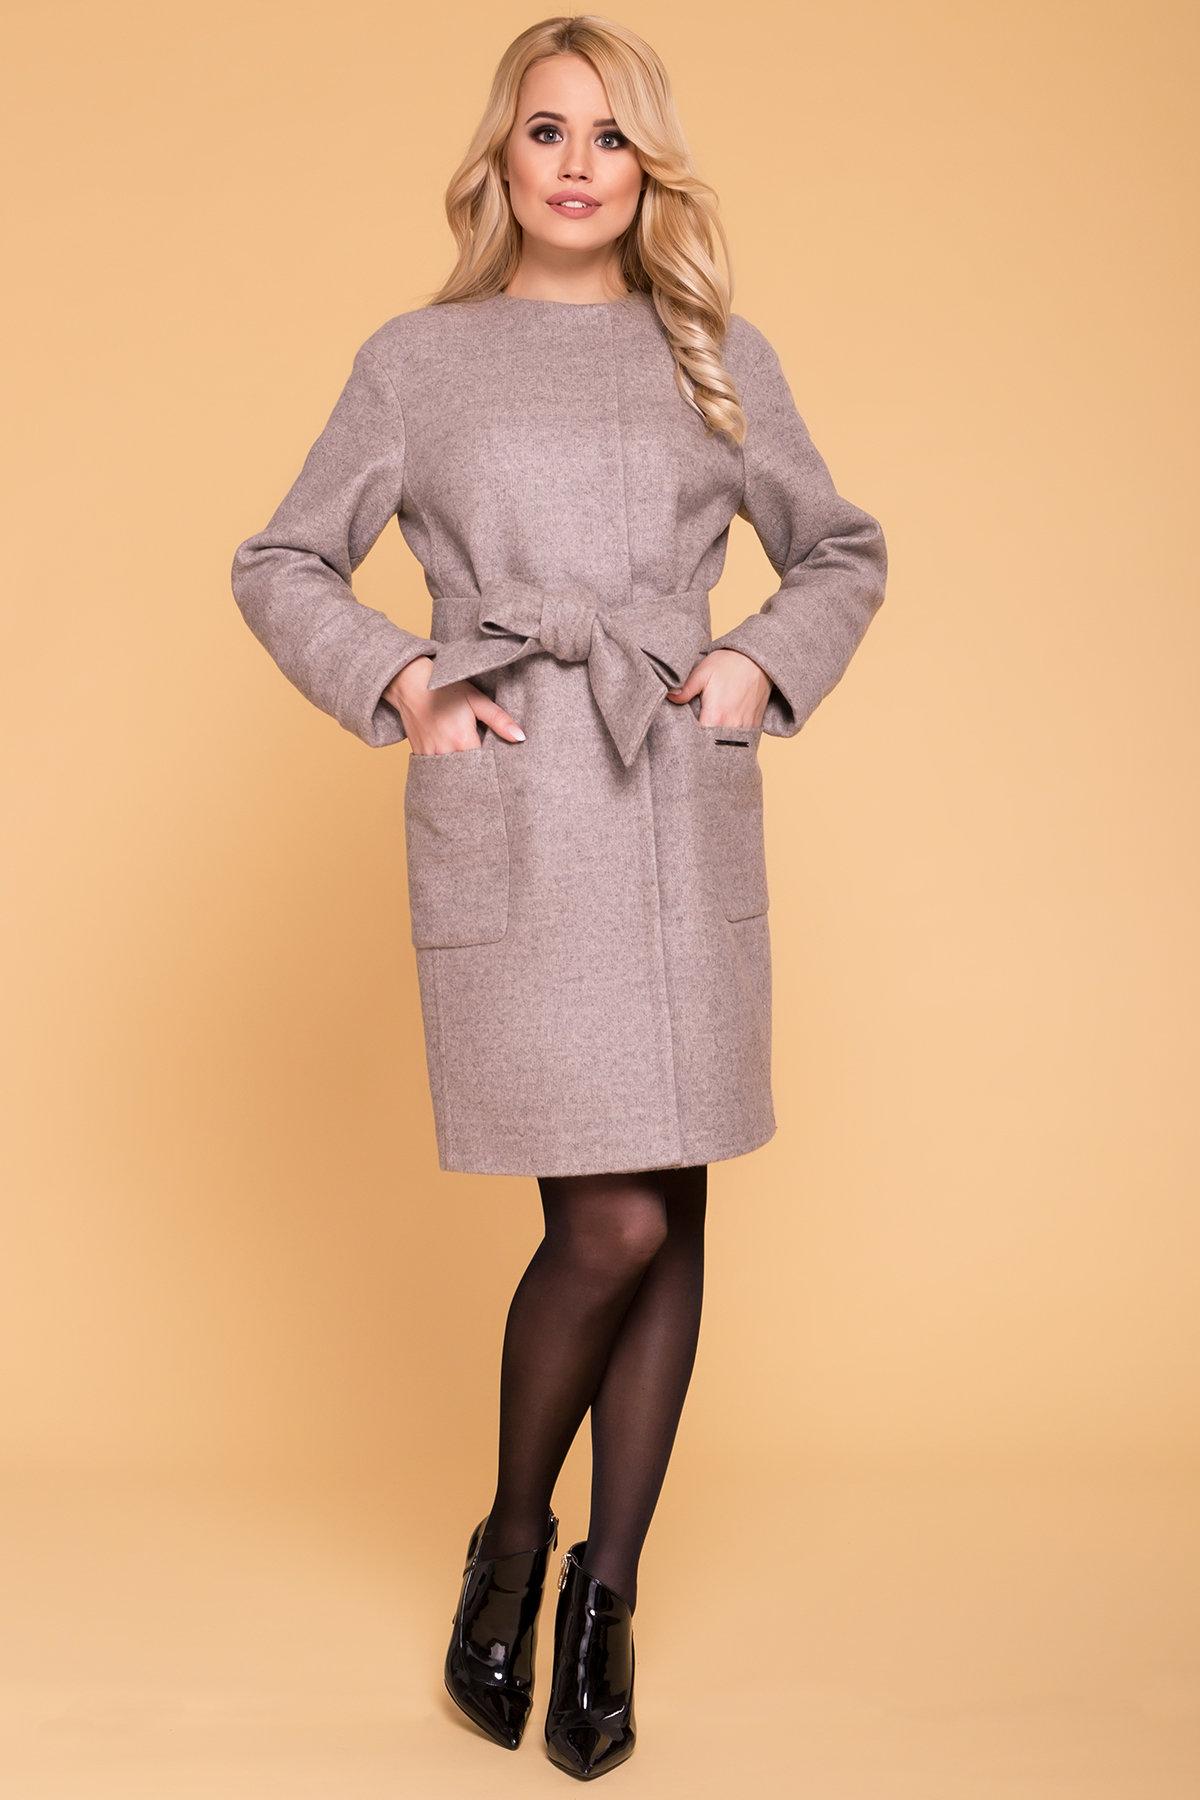 Демисезонное пальто от производителя Modus Пальто Кристина лайт 6170